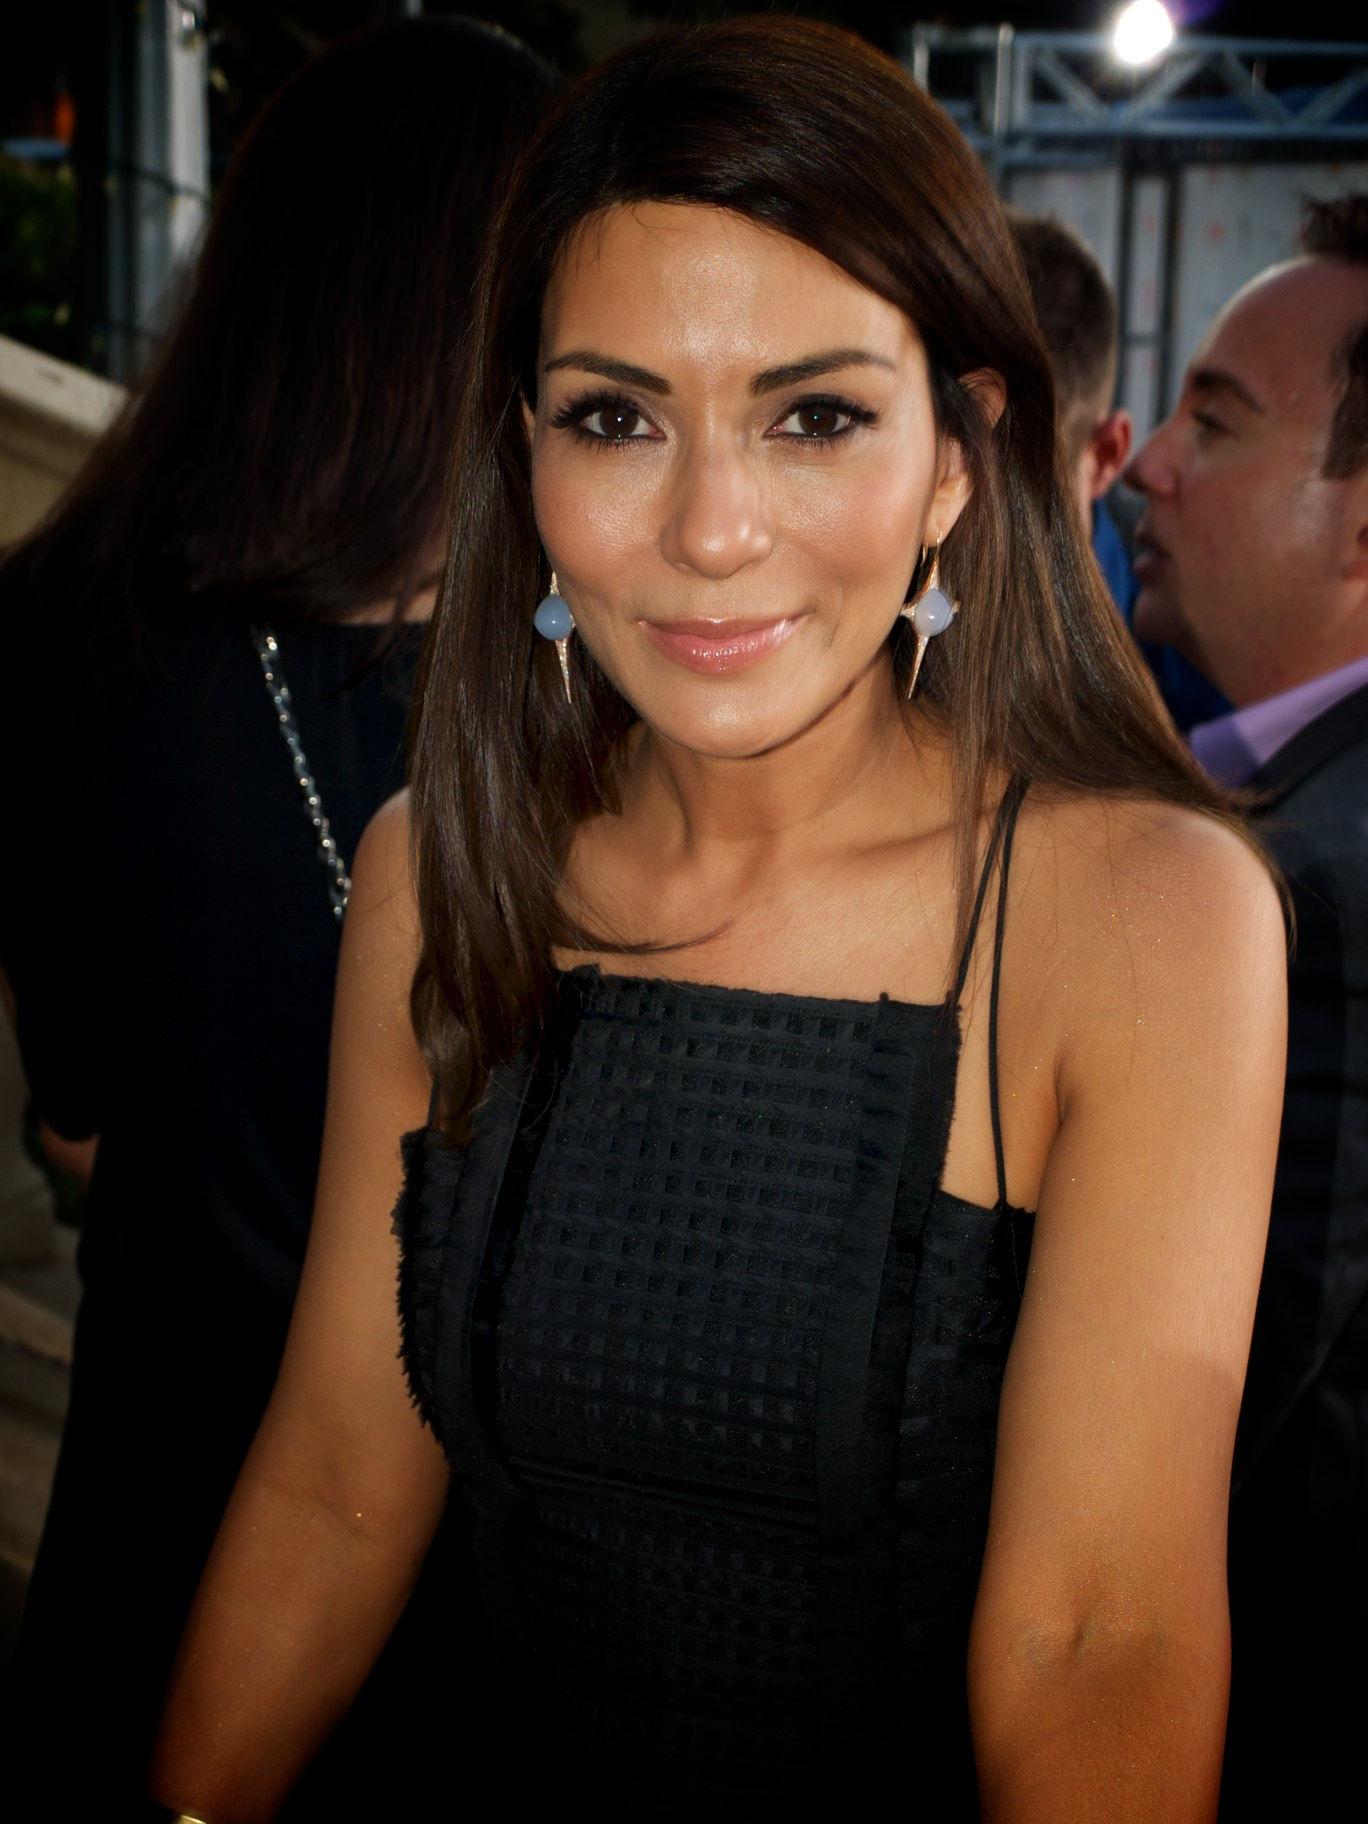 Photo of Marisol Nichols: Actress